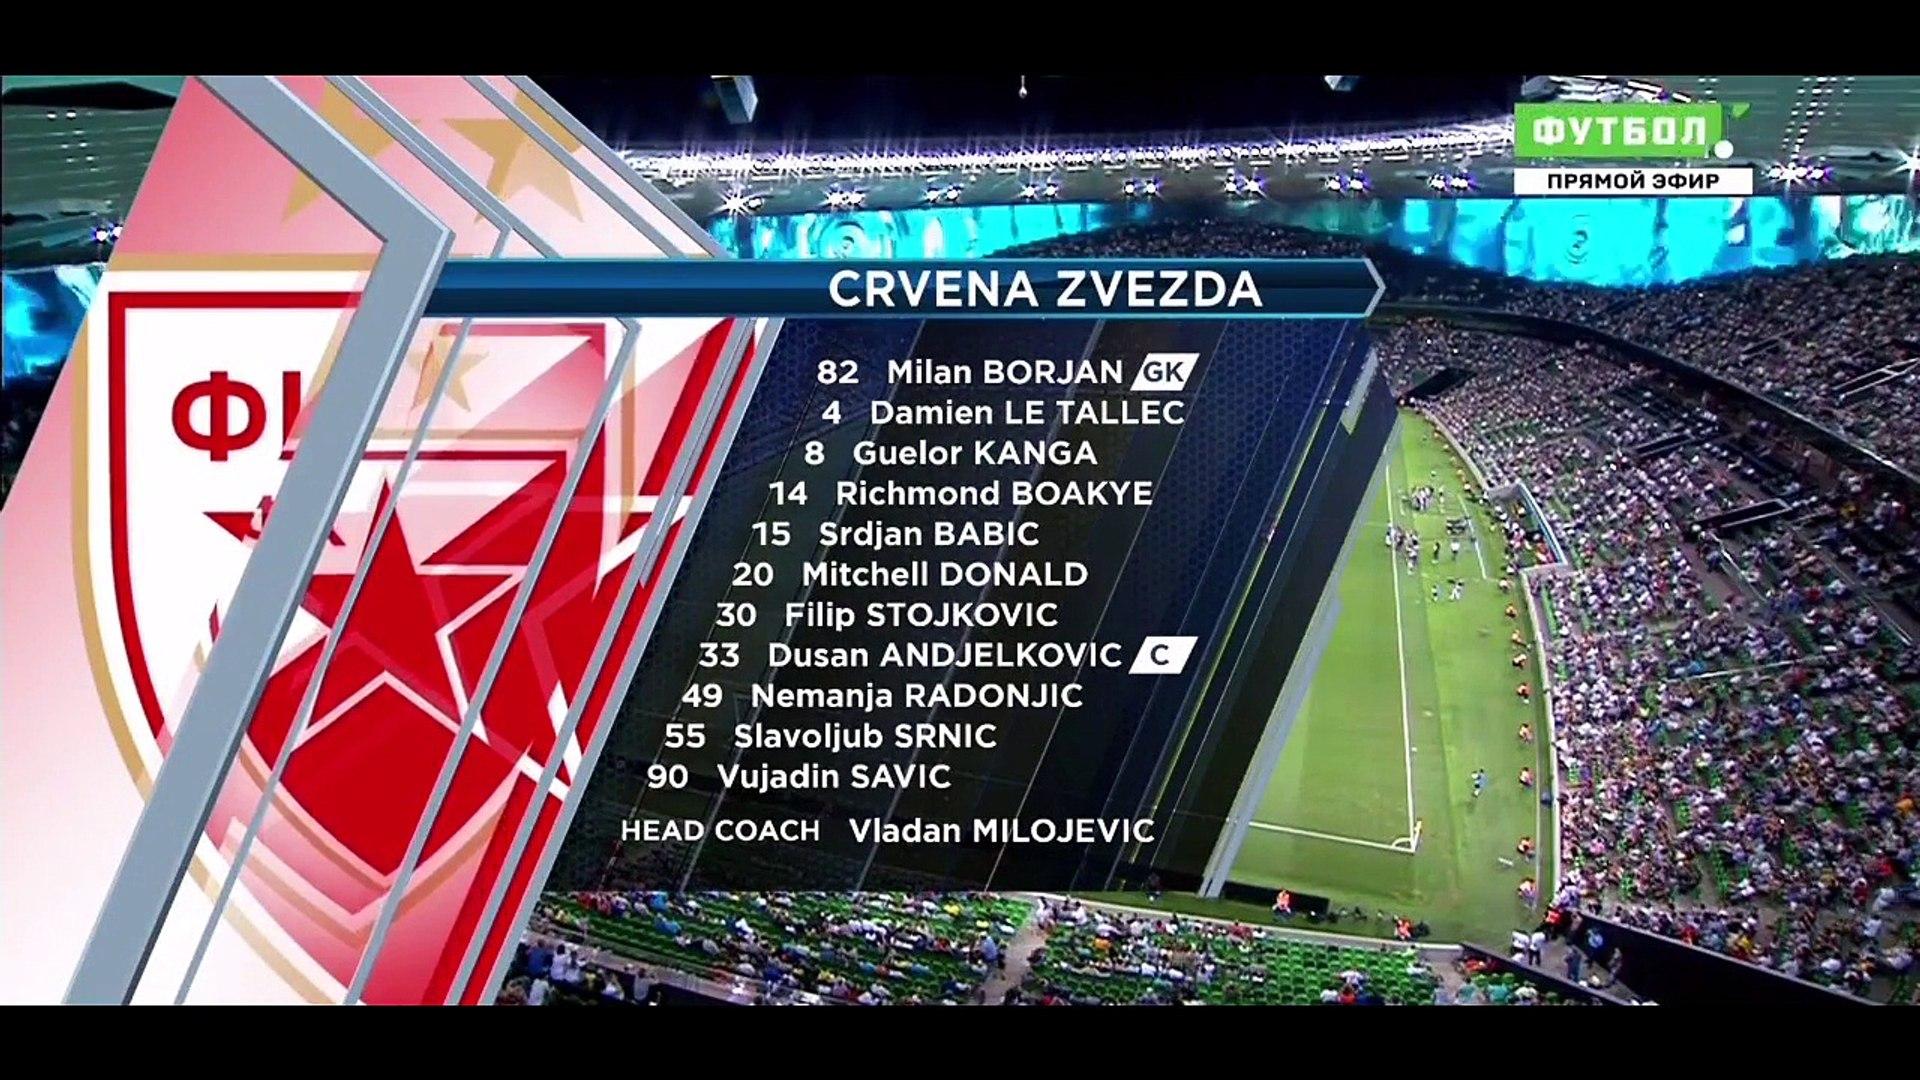 |HD| Krasnodar vs Crvena Zvezda 3-2 - Extended Highlights